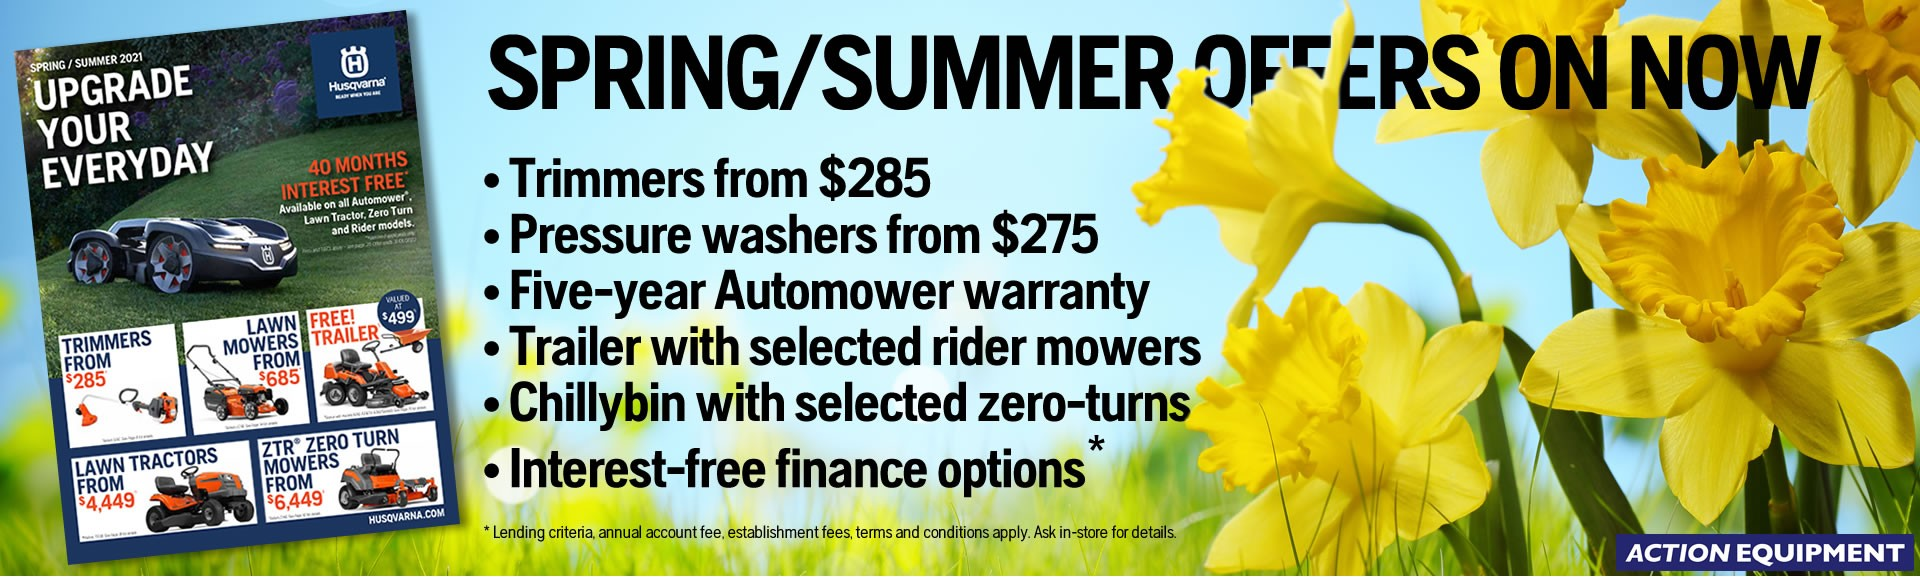 Husqvarna Spring Savings 2021